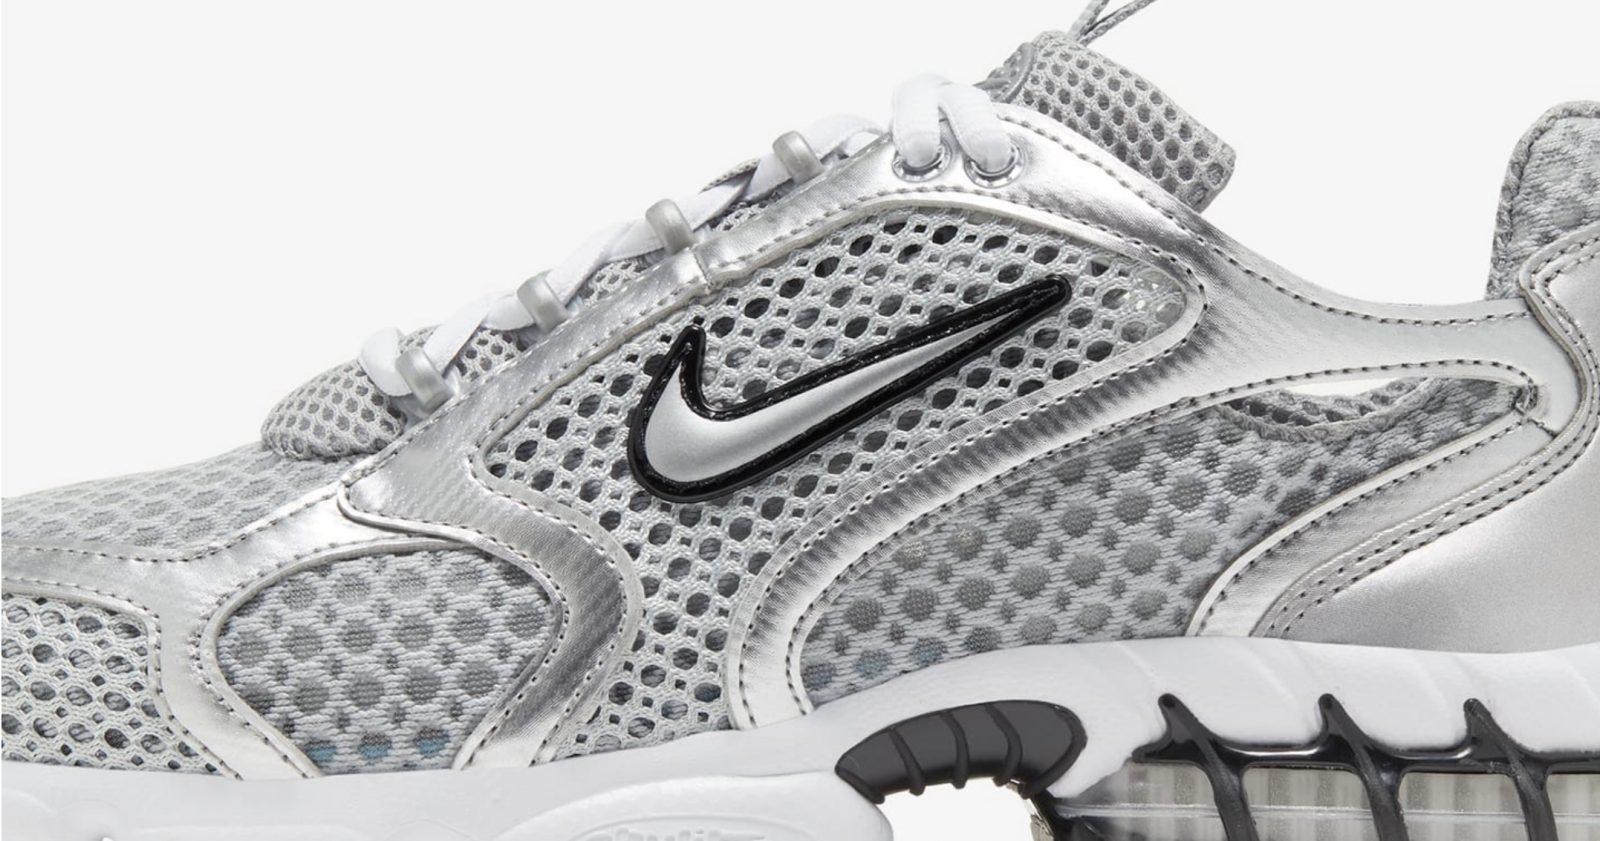 Nike air-zoom-spiridon-cage-2 metallic silver